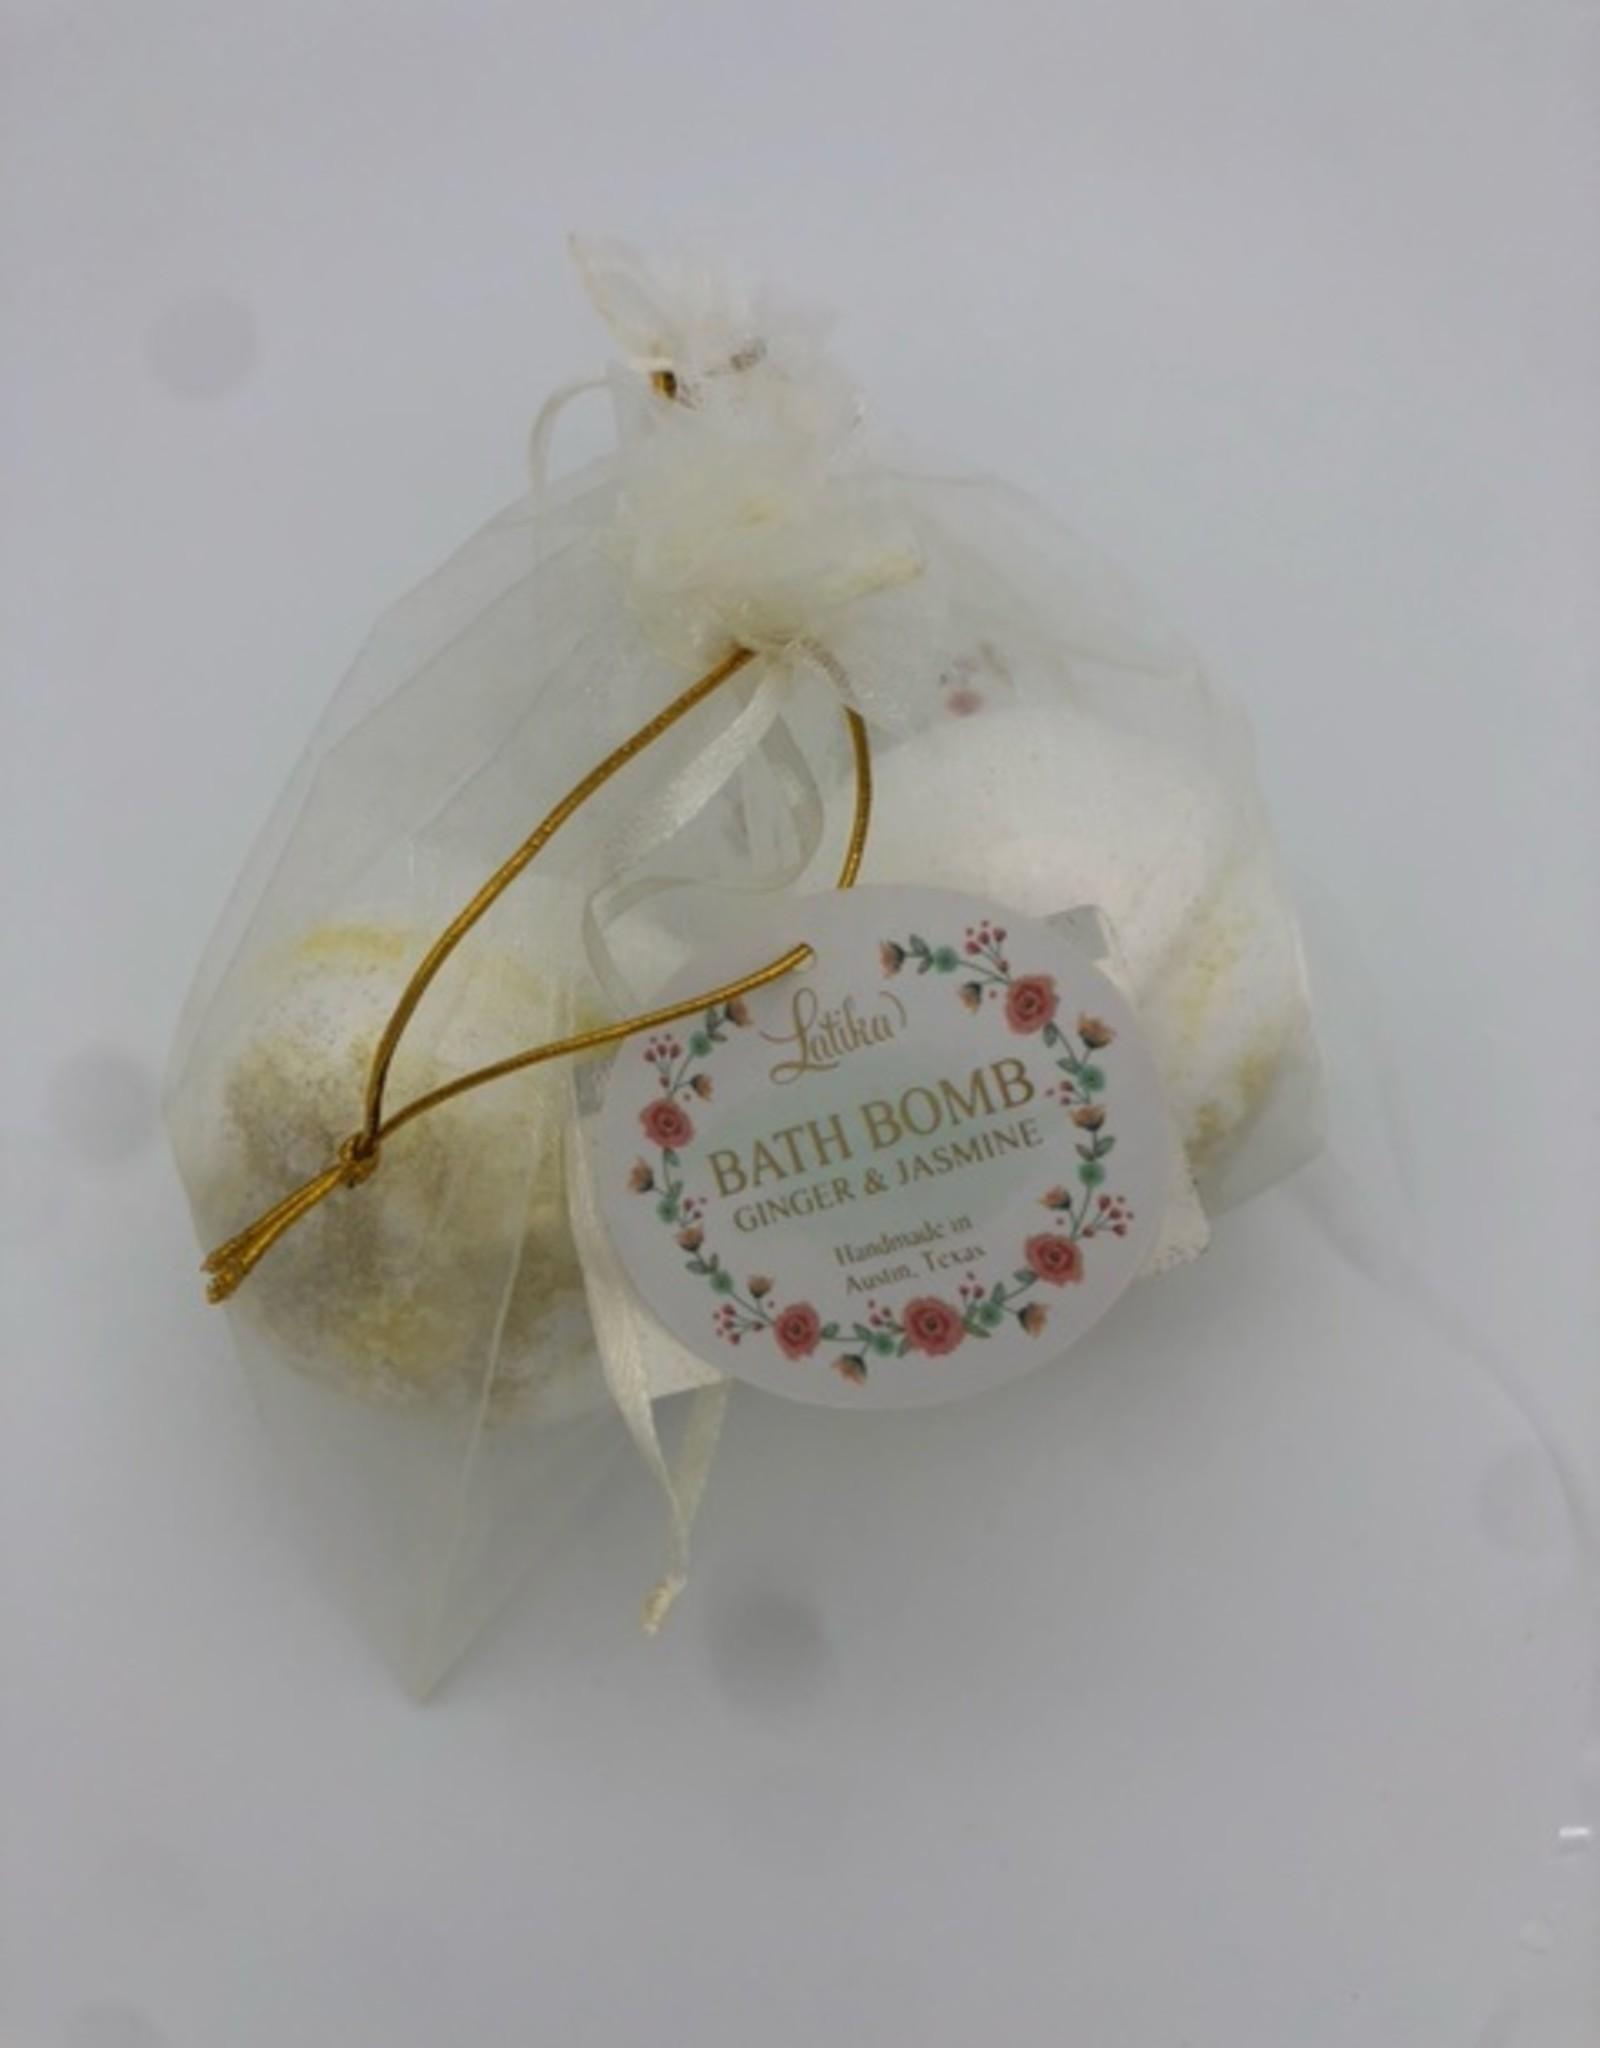 Latika Latika Beauty Bath Bomb - Ginger & Jasmine